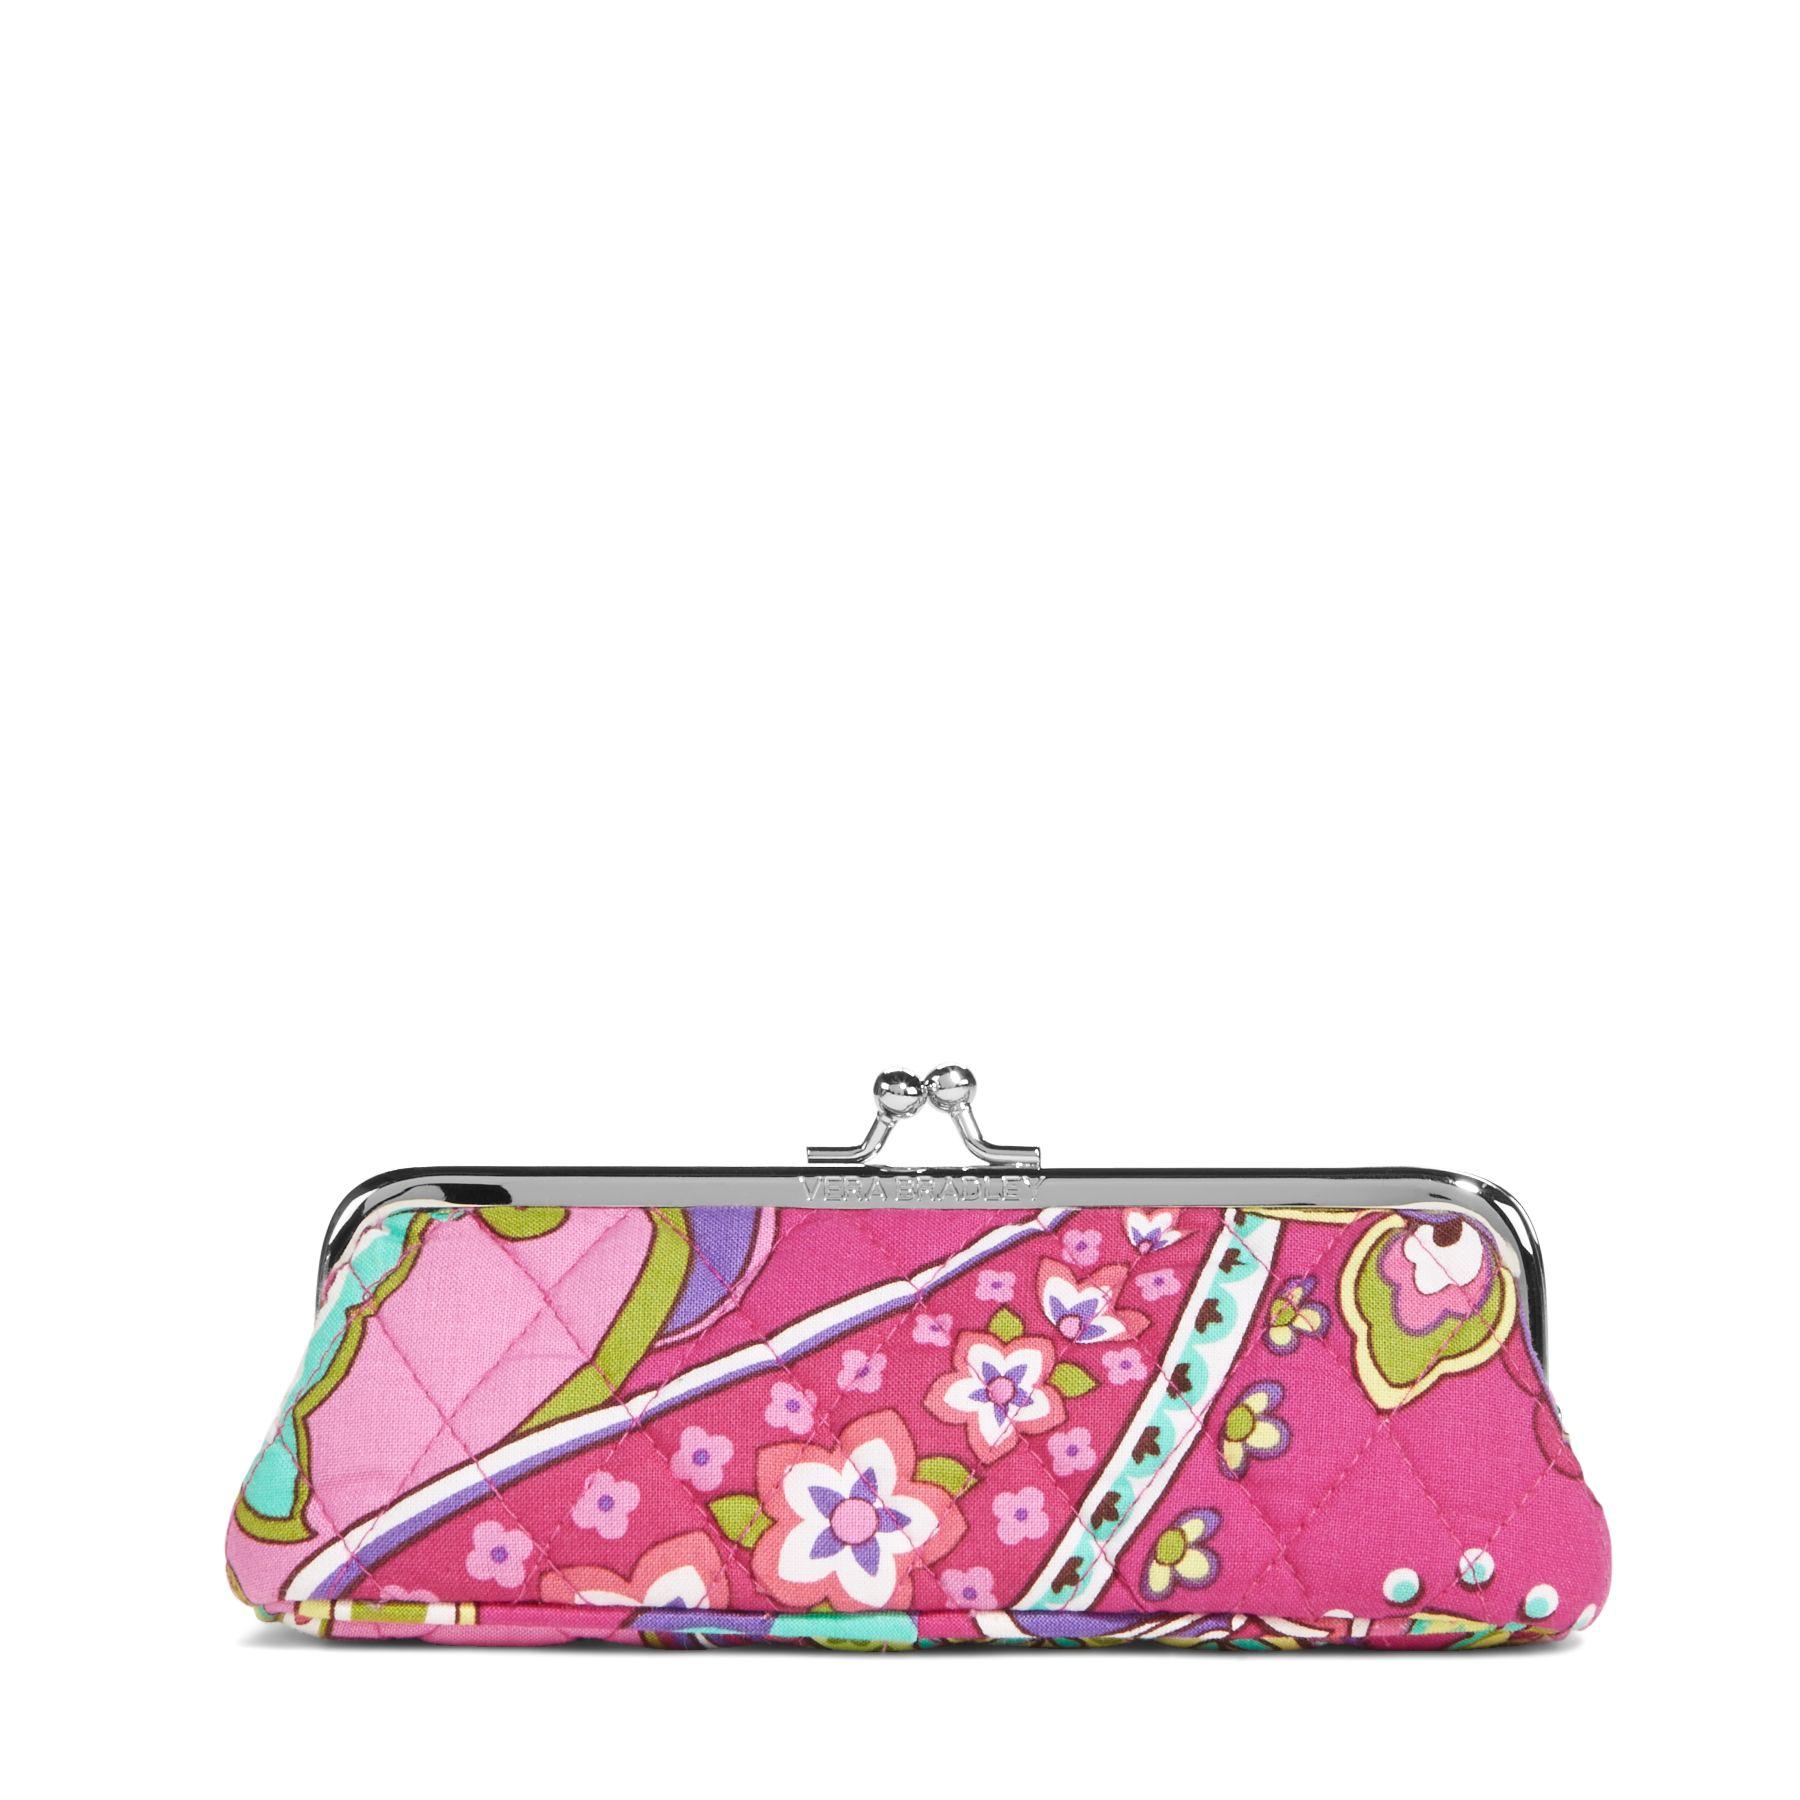 Vera Bradley Kisslock Case in Pink Swirls